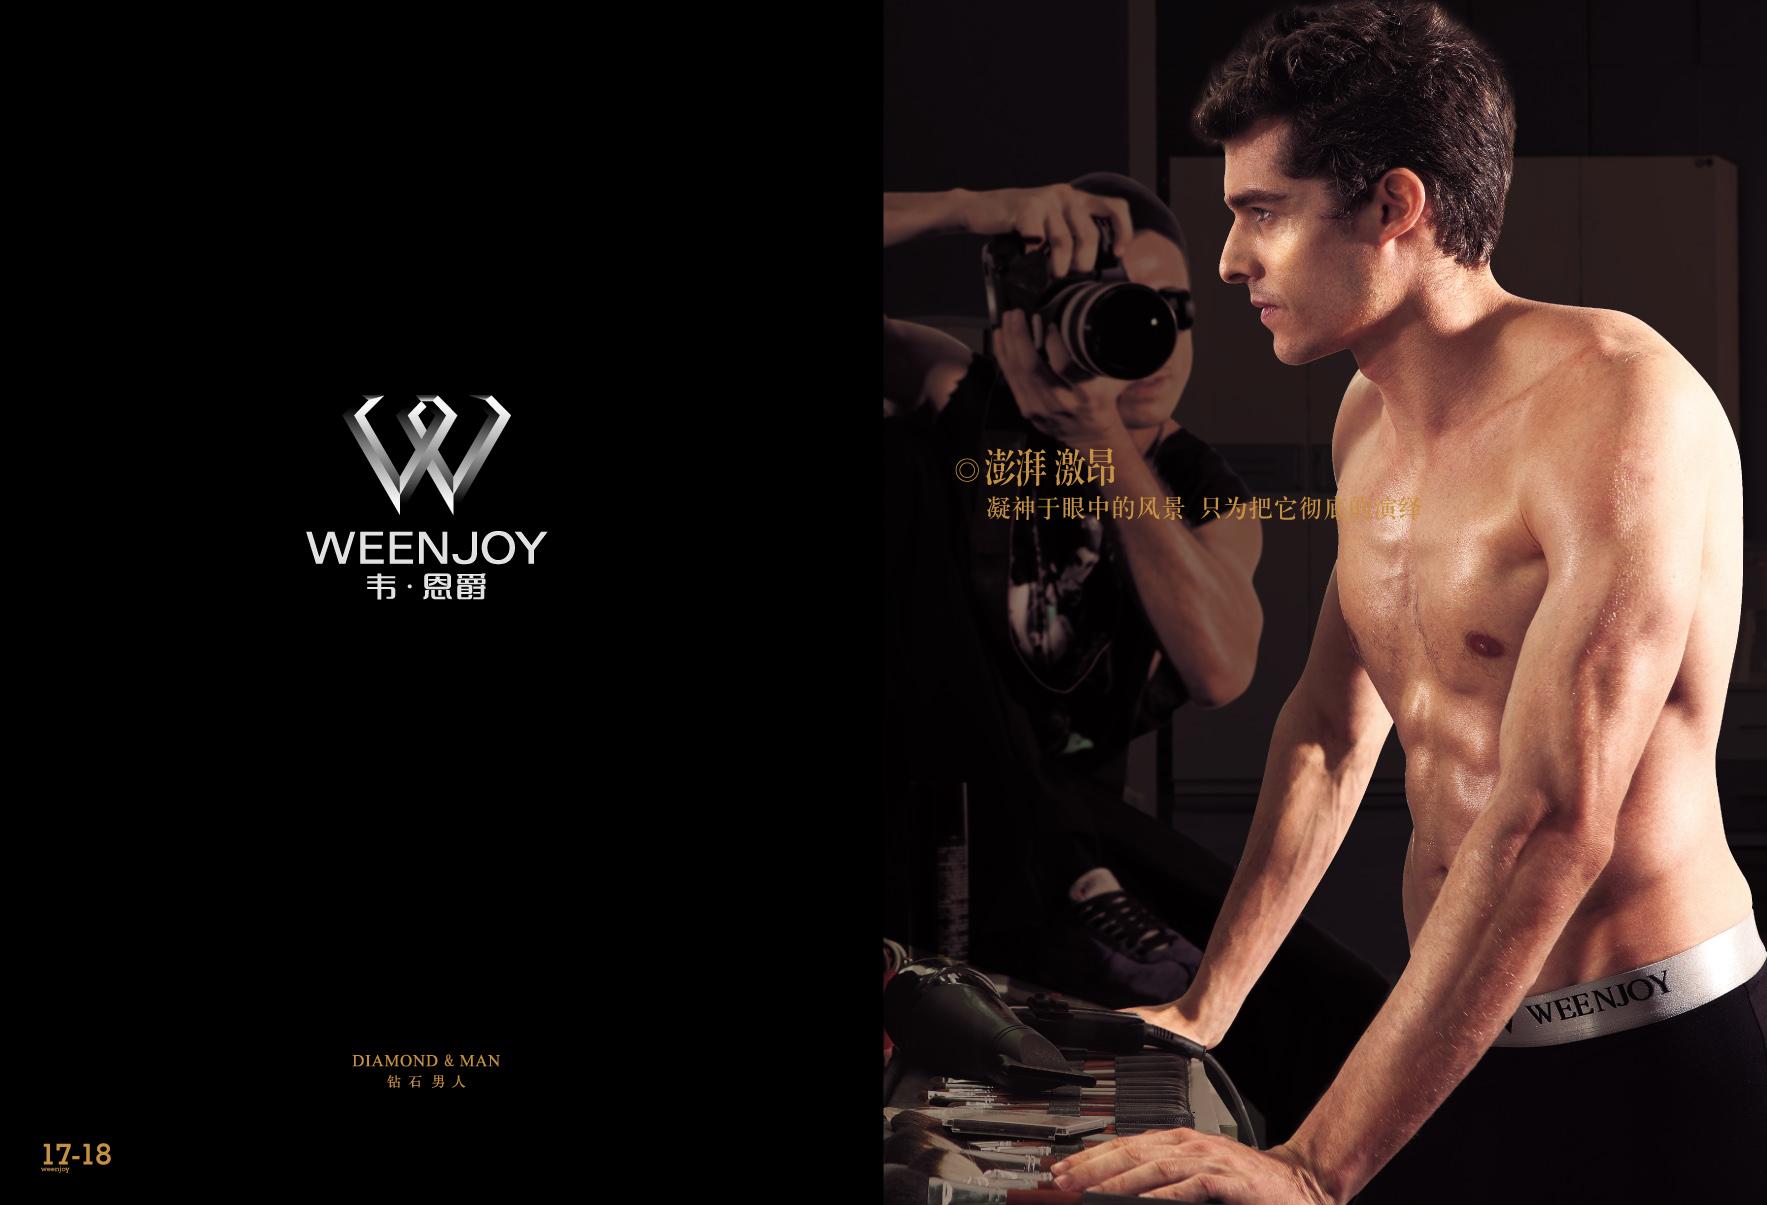 深圳市韦恩爵服饰有限公司是一家集风尚设计、精益生产、品牌营销于一体的专业精品男士内衣服饰公司,公司旗下知名品牌韦恩爵(WEENJOY),以享受与分享为品牌理念,客户群定位于追求优雅舒适、崇尚精致生活的成功男士,极力融合高雅与内敛、低调与奢华的钻石男人气息,用产品诠释生活、让产品体现生活,营造享受生活、分享人生的成功哲学,深受成功商务男士的喜爱与推崇。   韦恩爵服饰有限公司主要产品为高支男士打底衫、T恤衫,高支男士针织内衣套装、男士时尚单件、情侣针织内衣套装,精品男士内裤、背心、棉麻休闲裤